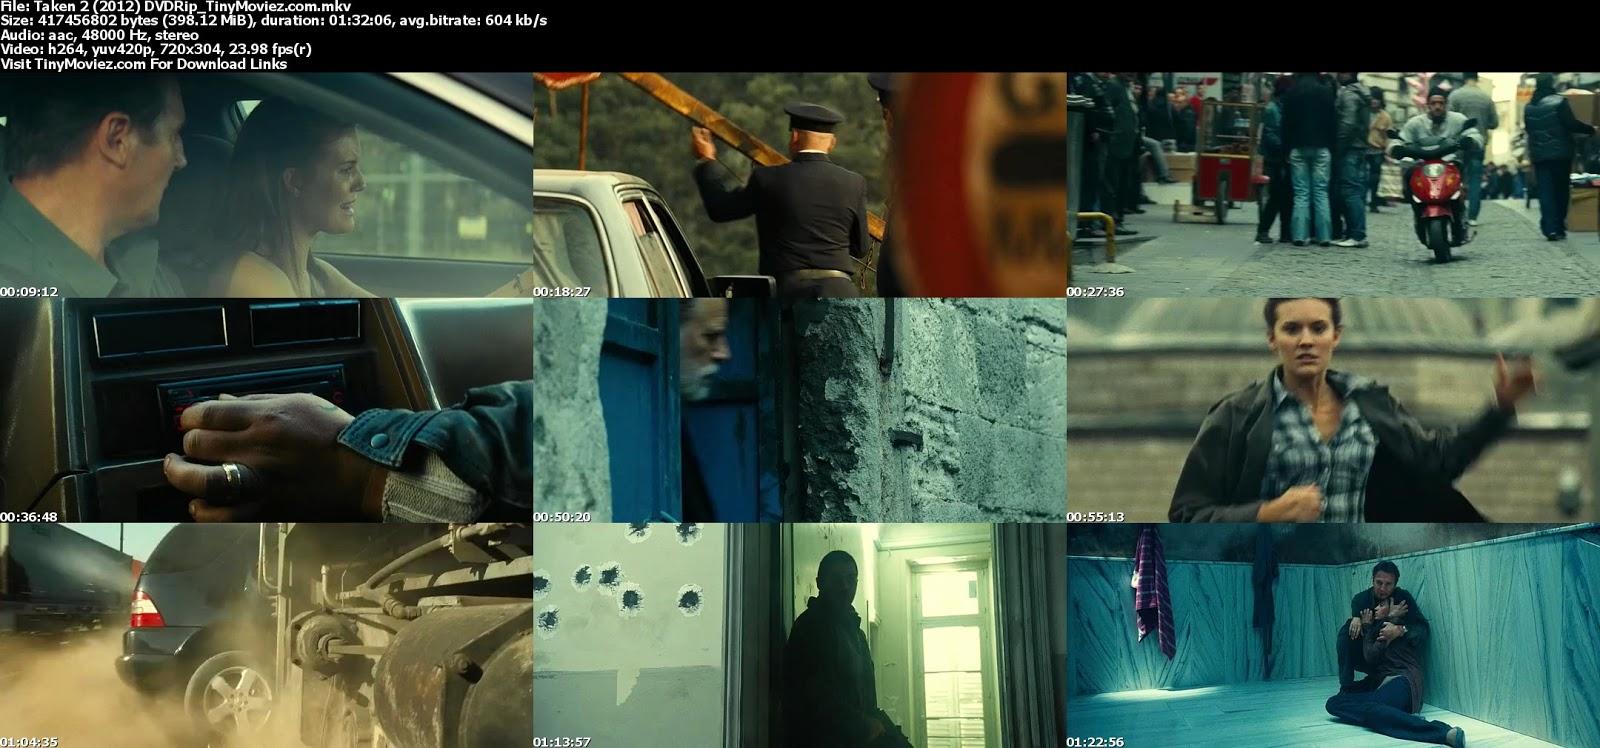 taken 3 movie download worldfree4u